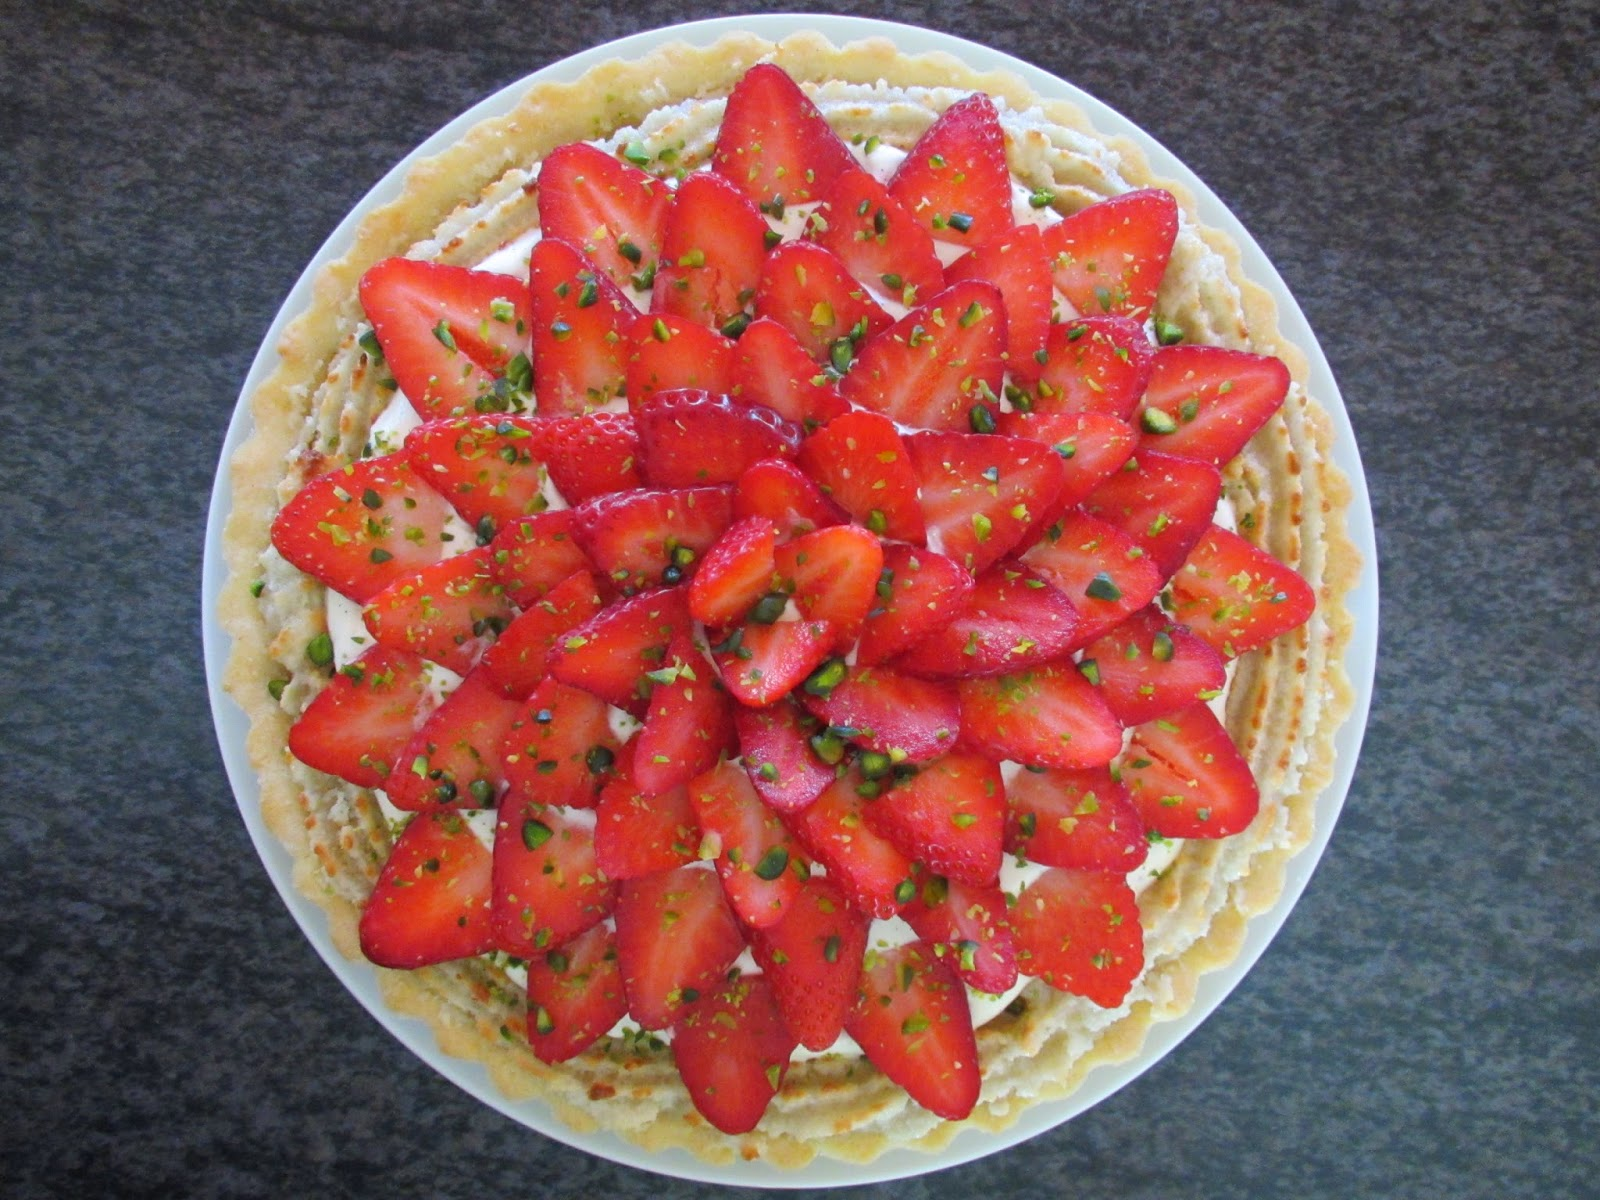 jordbærtærte blomsterberg